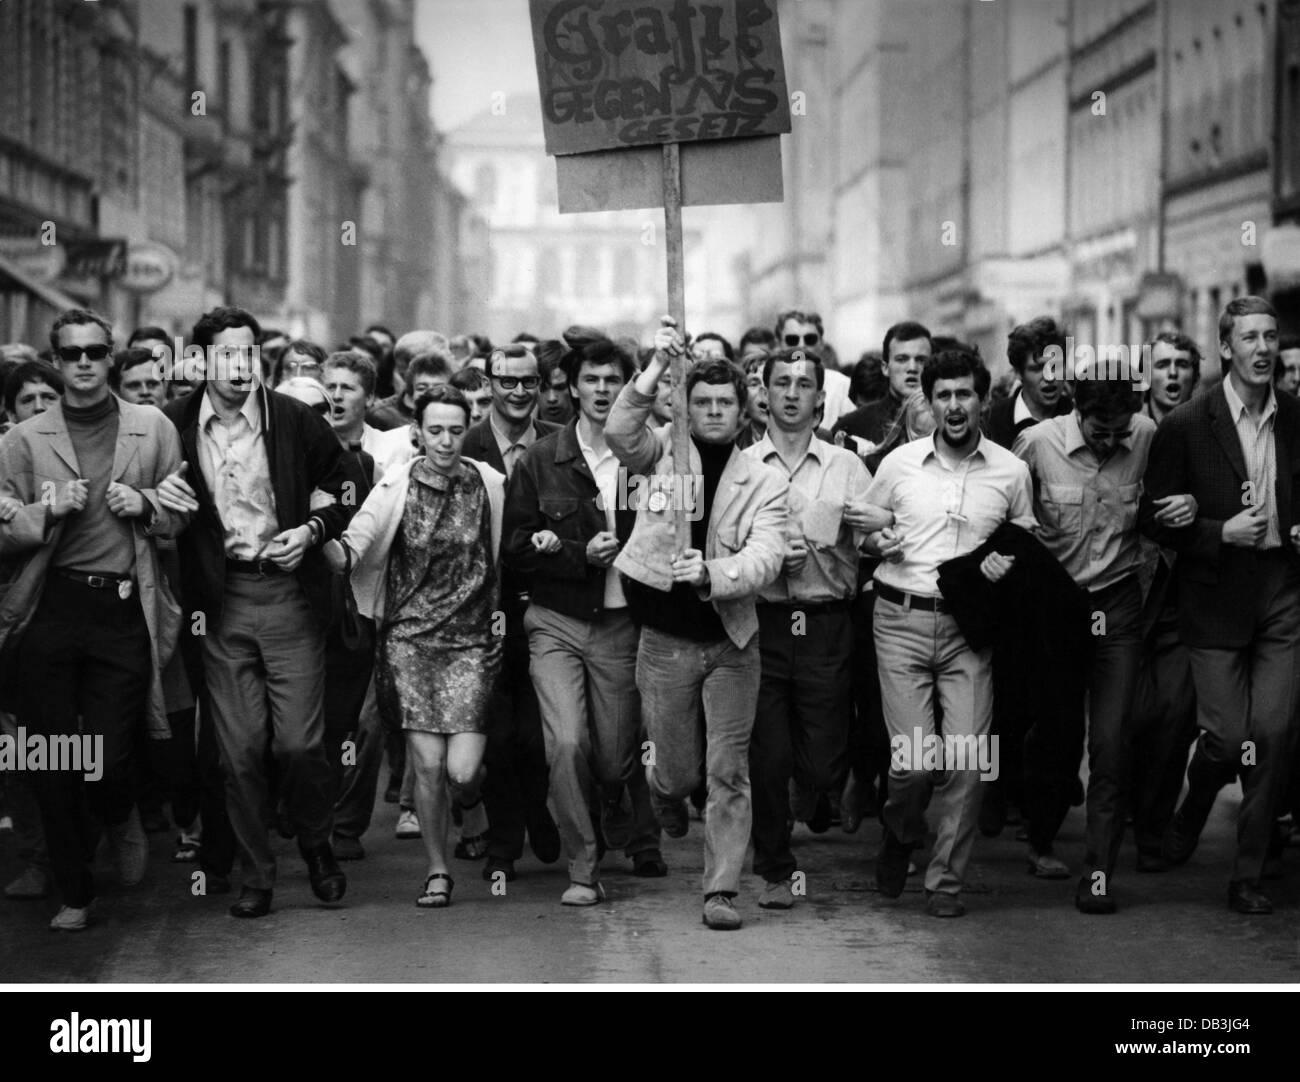 Politik, Demonstrationen, Deutschland, Protest gegen Notstandsgesetze, Studenten laufen mit Banner auf der Straße, München, 1968. Mai., Studentenaufstände, Zustand des nationalen Ausnahmezustands, erklären den Ausnahmezustand, Demonstration, Demo, Demonstrationen, Demos, Studentenbewegung, Manifestation, Manifestationen, Westdeutschland, 1960er, 1960er, 1960er, 20. Jahrhundert, historisch, historisch, Menschen, Zusatzrechte-Clearences-nicht verfügbar Stockfoto